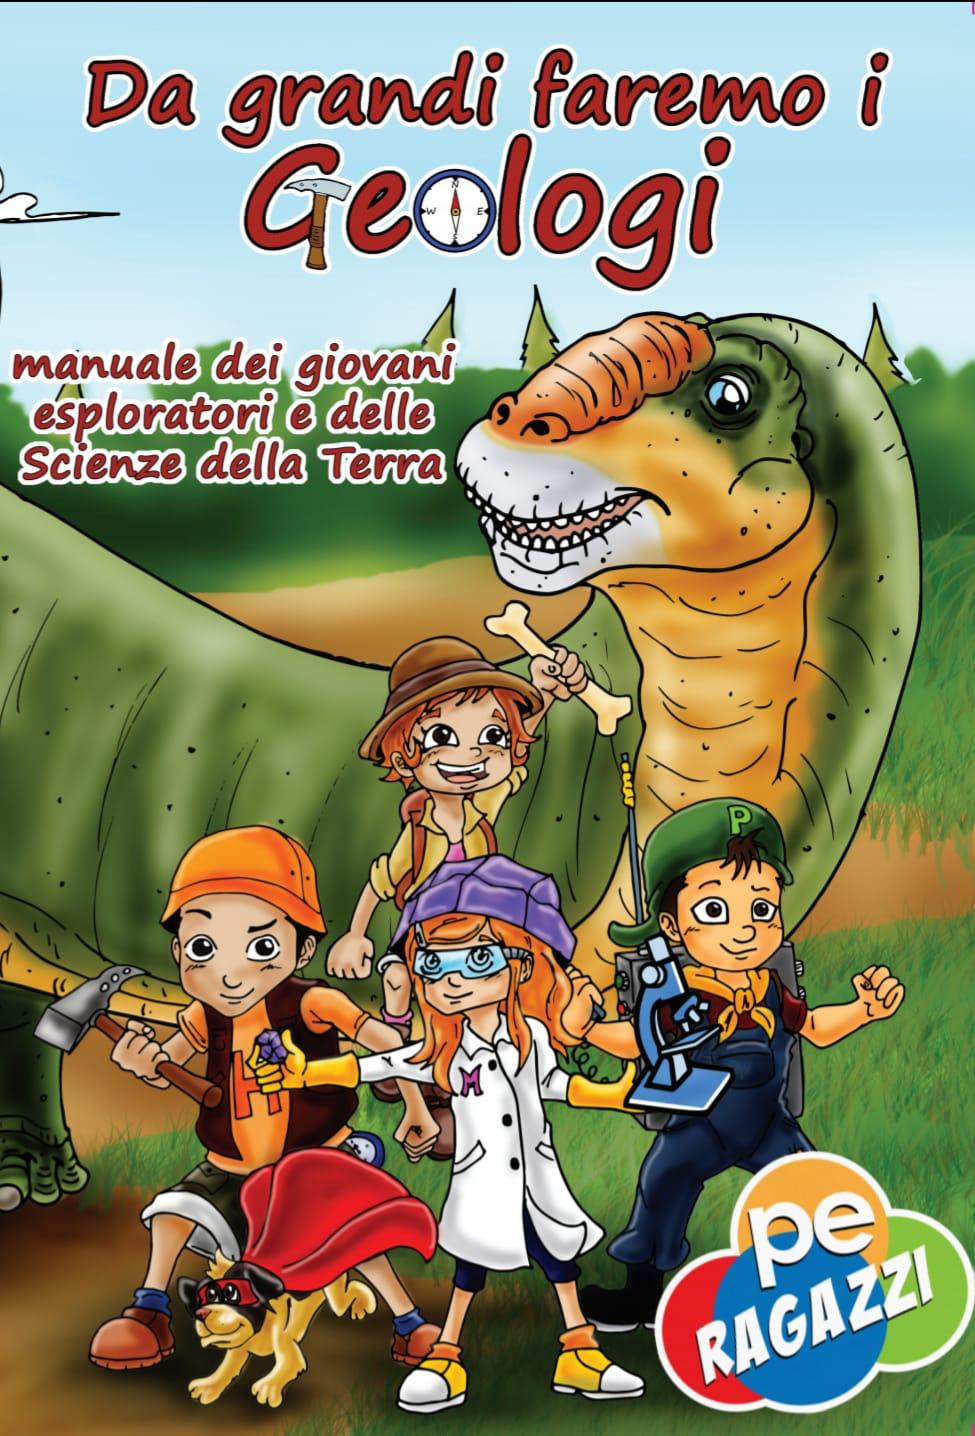 copertina da grandi faremo i geologi